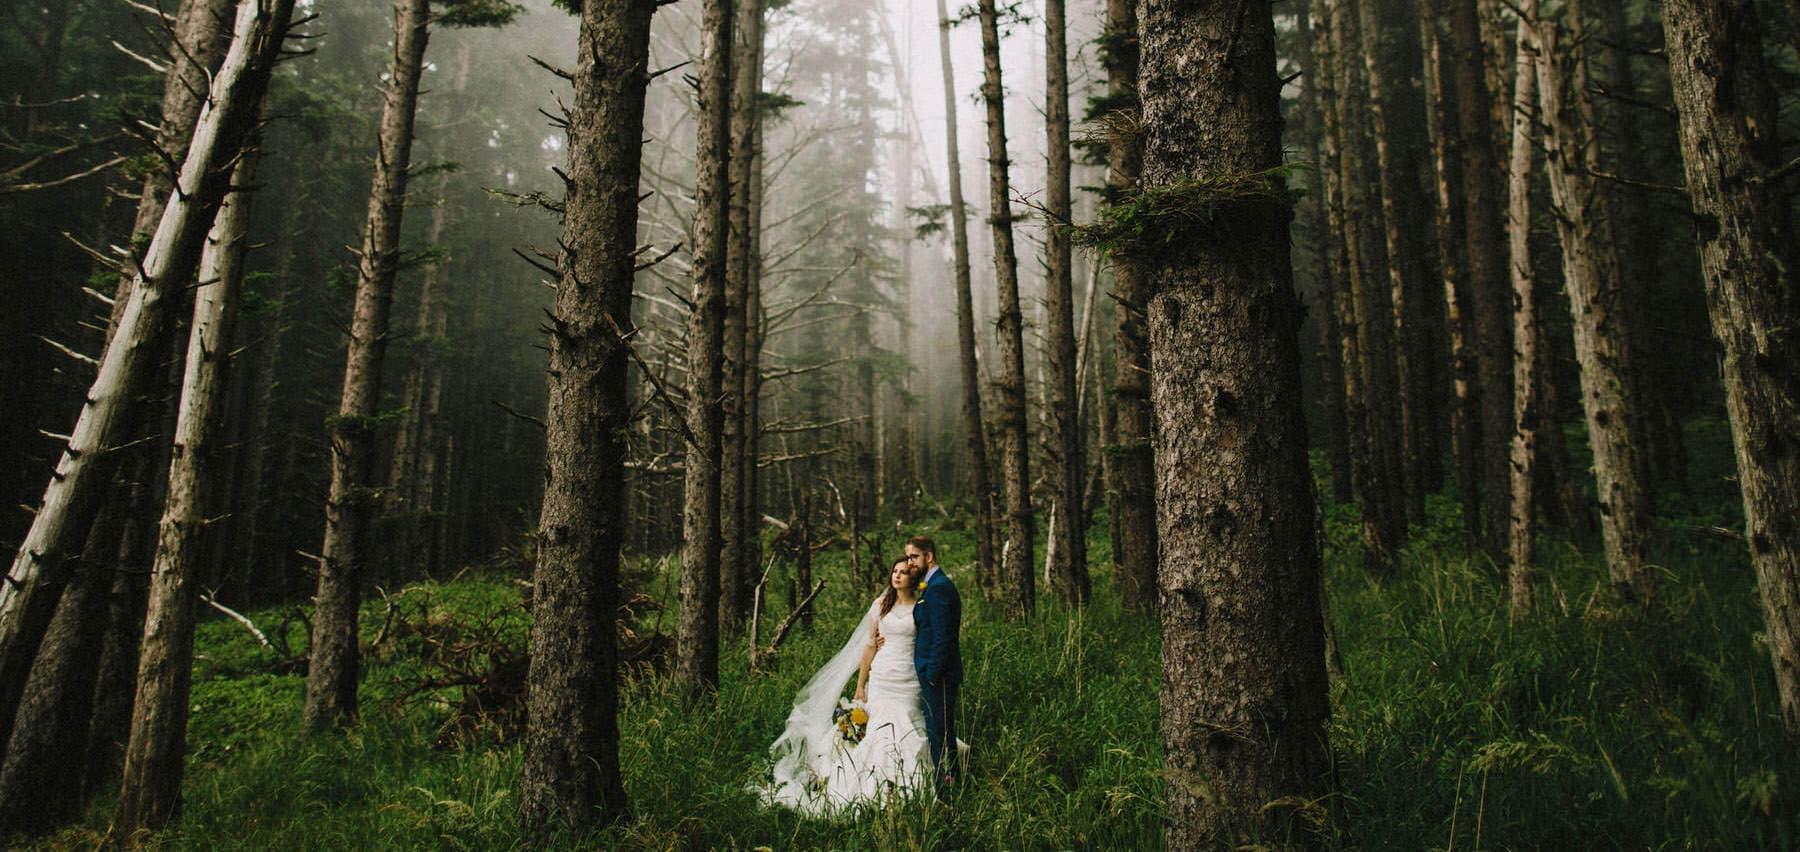 CAPE meares oregon wedding